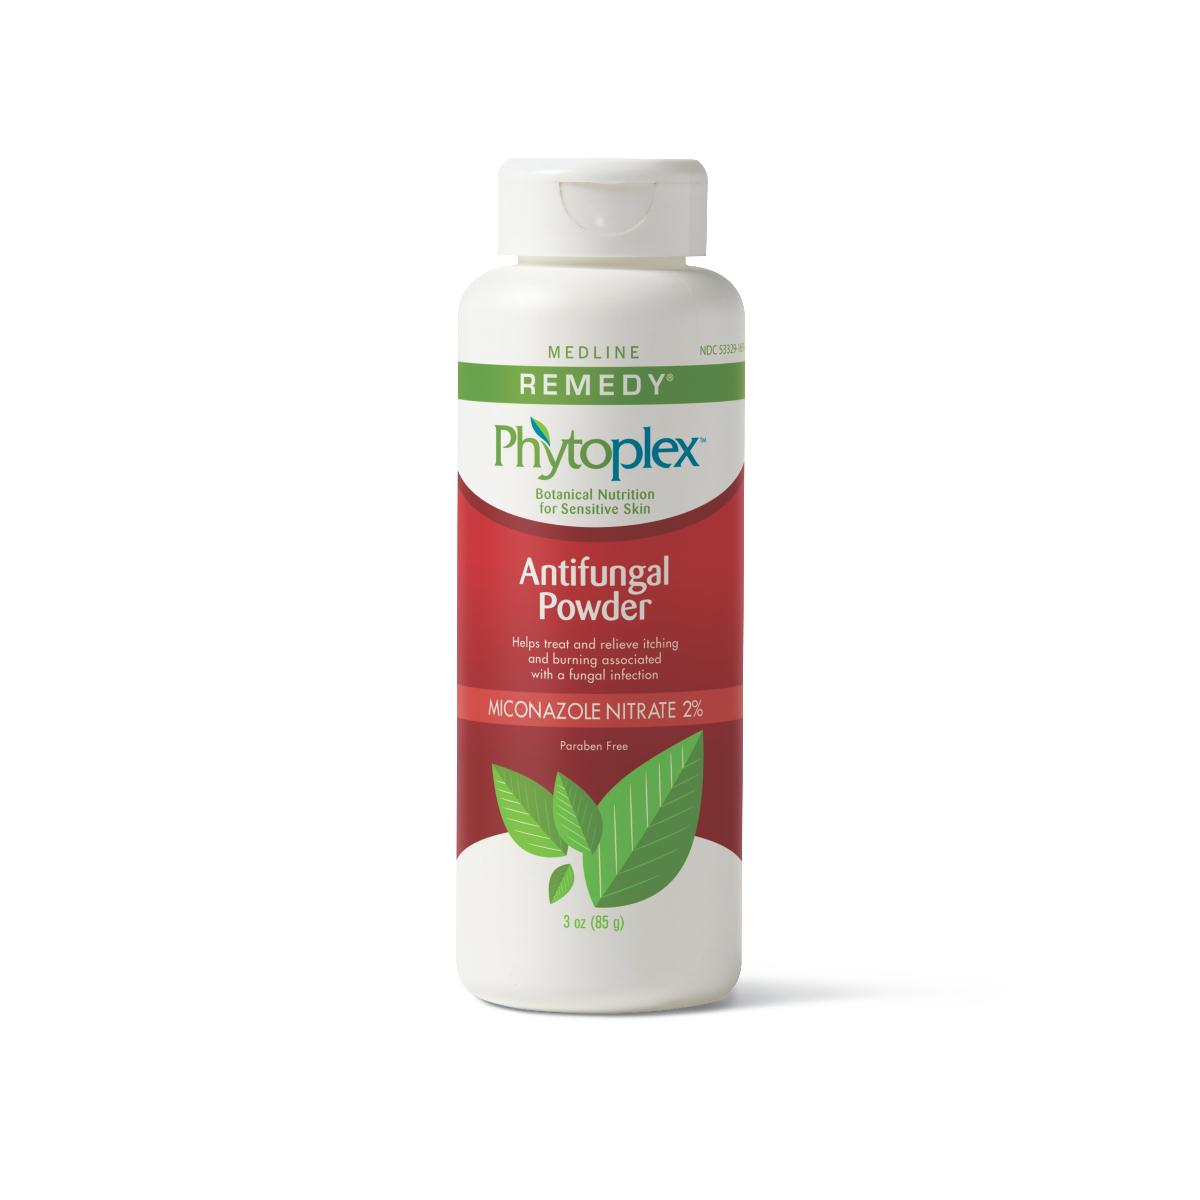 Image Of Remedy Antifungal Powder, 3oz Bottle